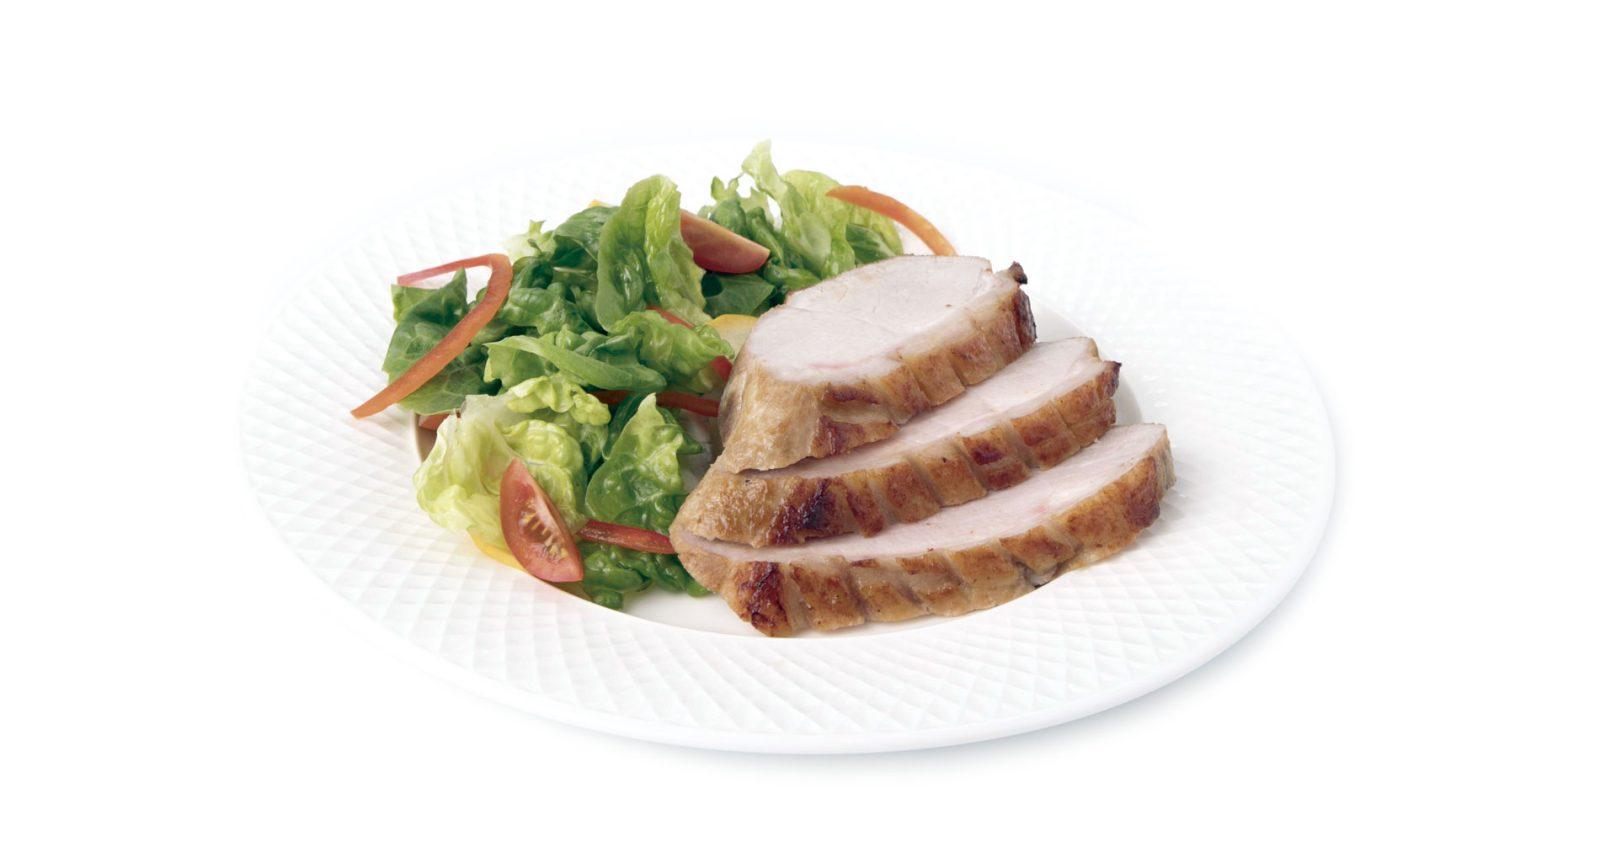 Cubitos de Bola de Pierna de Cerdo teriyaky con vegetales salteados